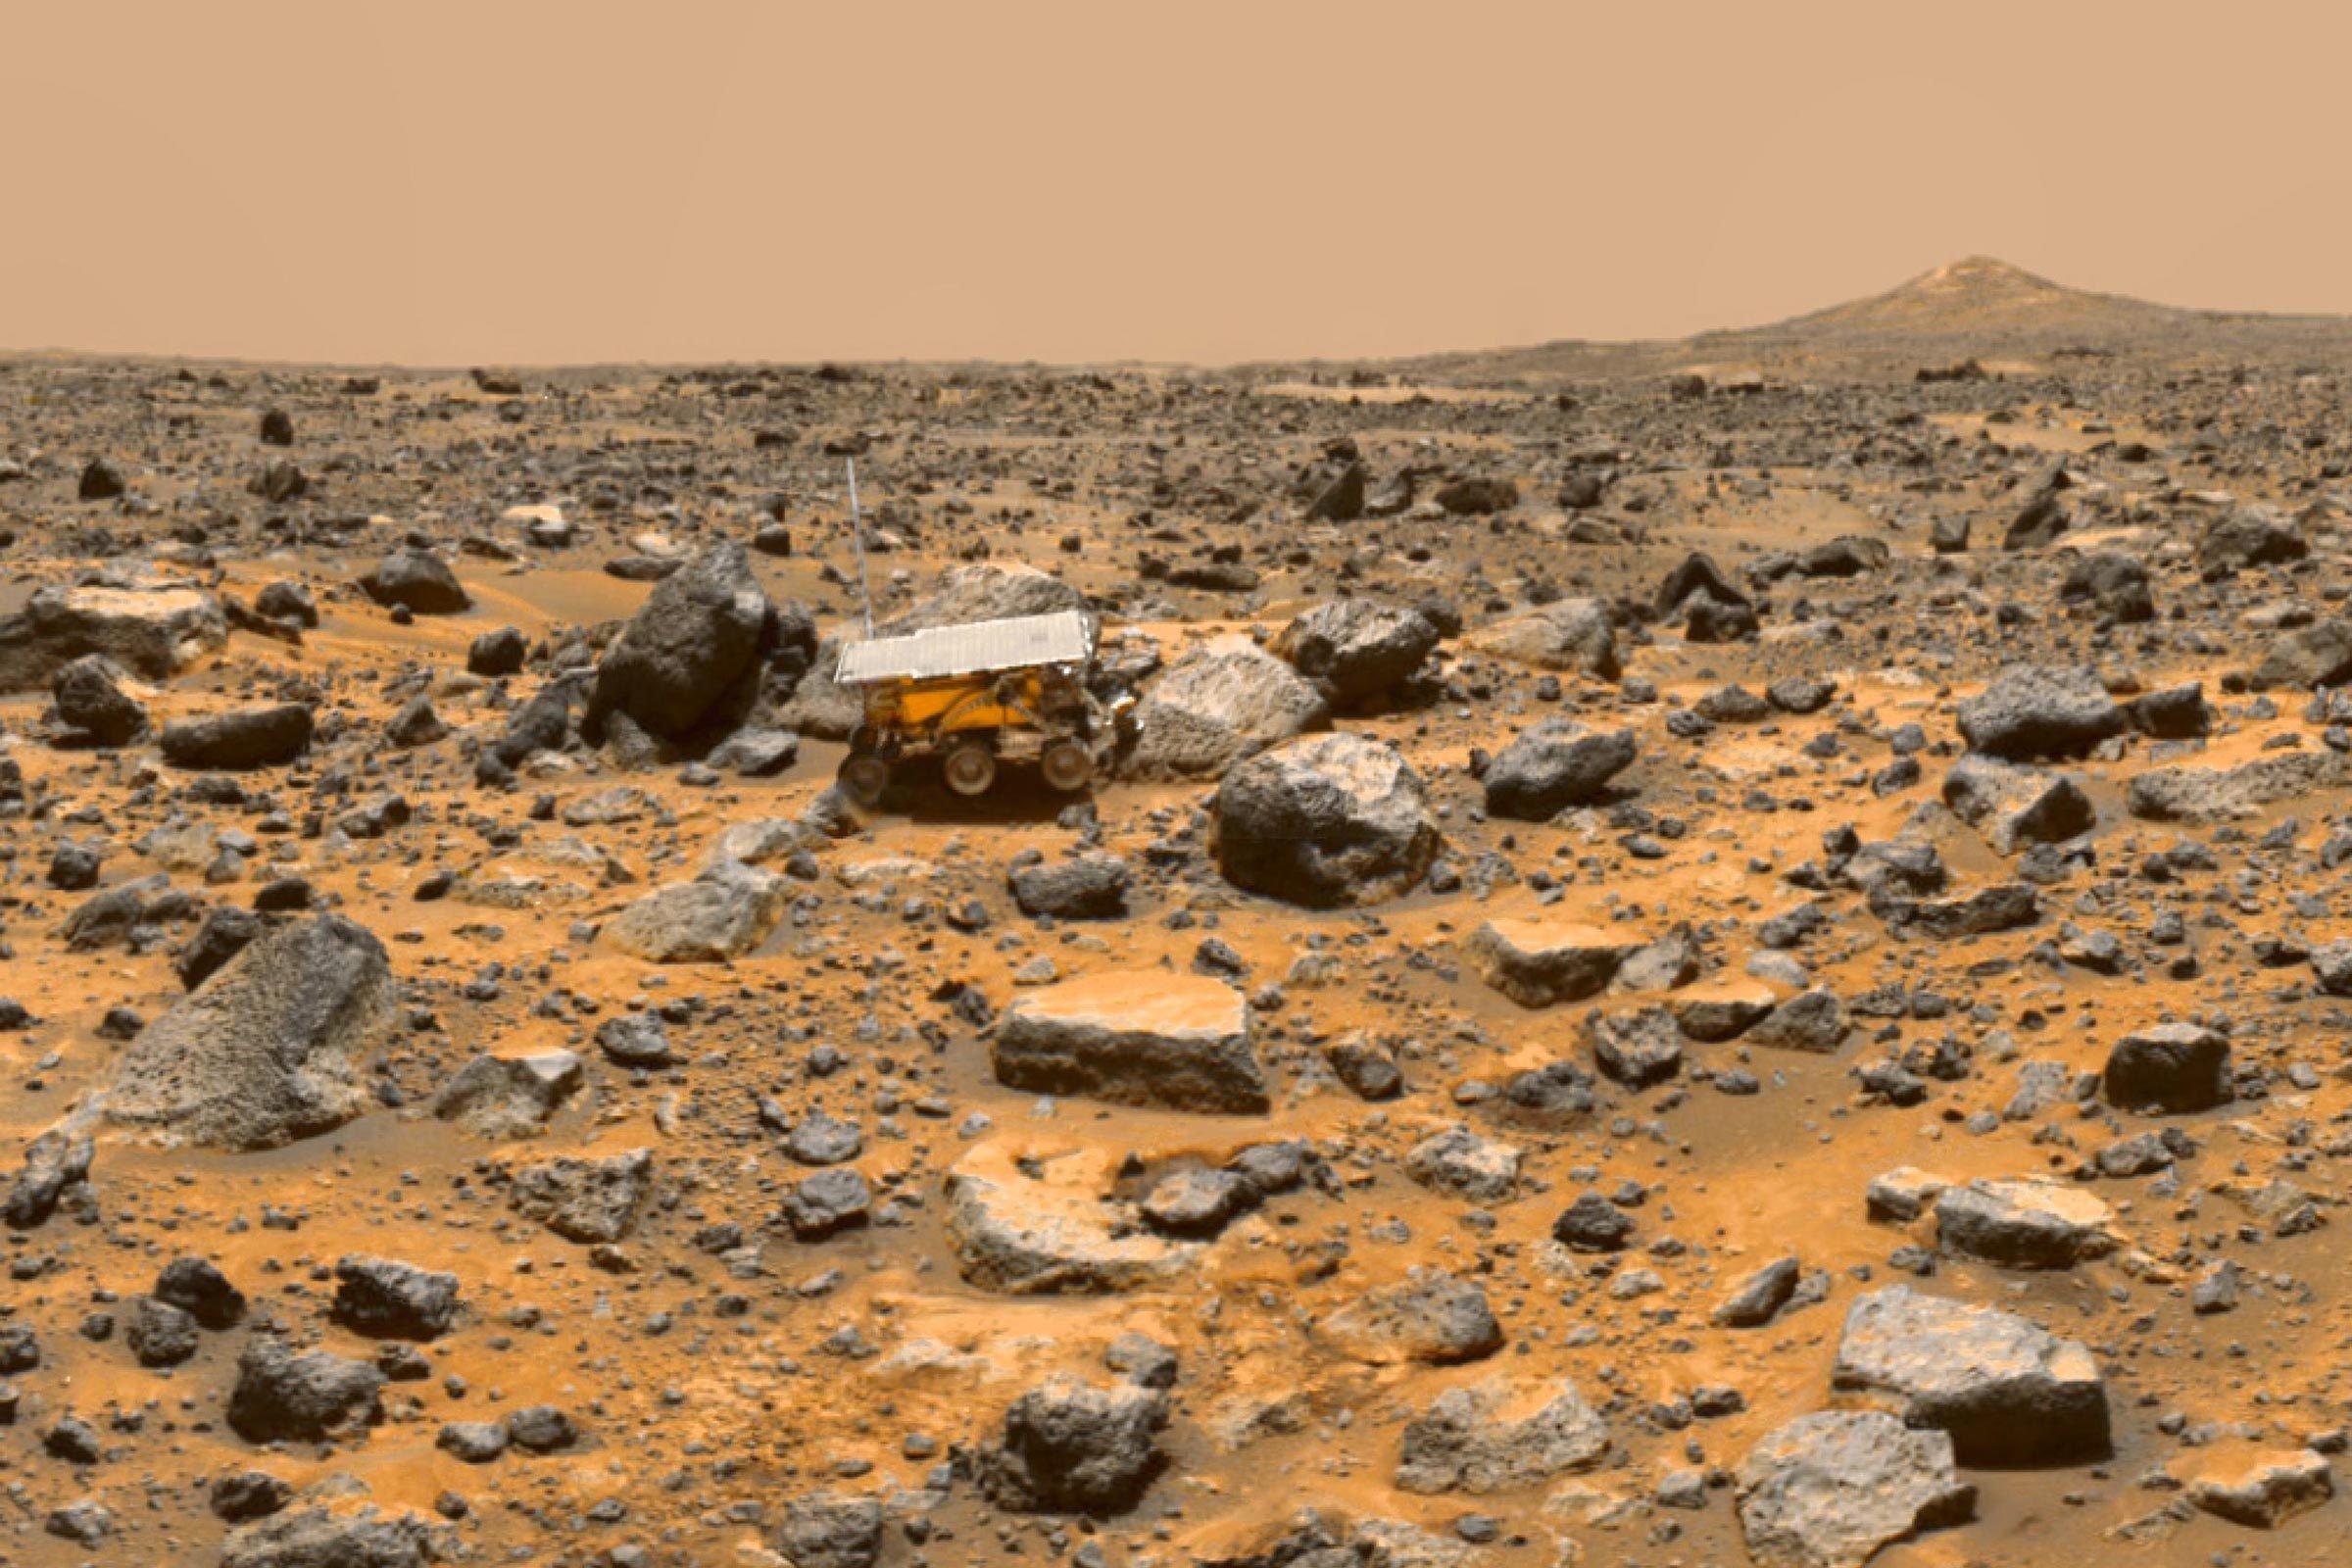 Pathfinder on Mars